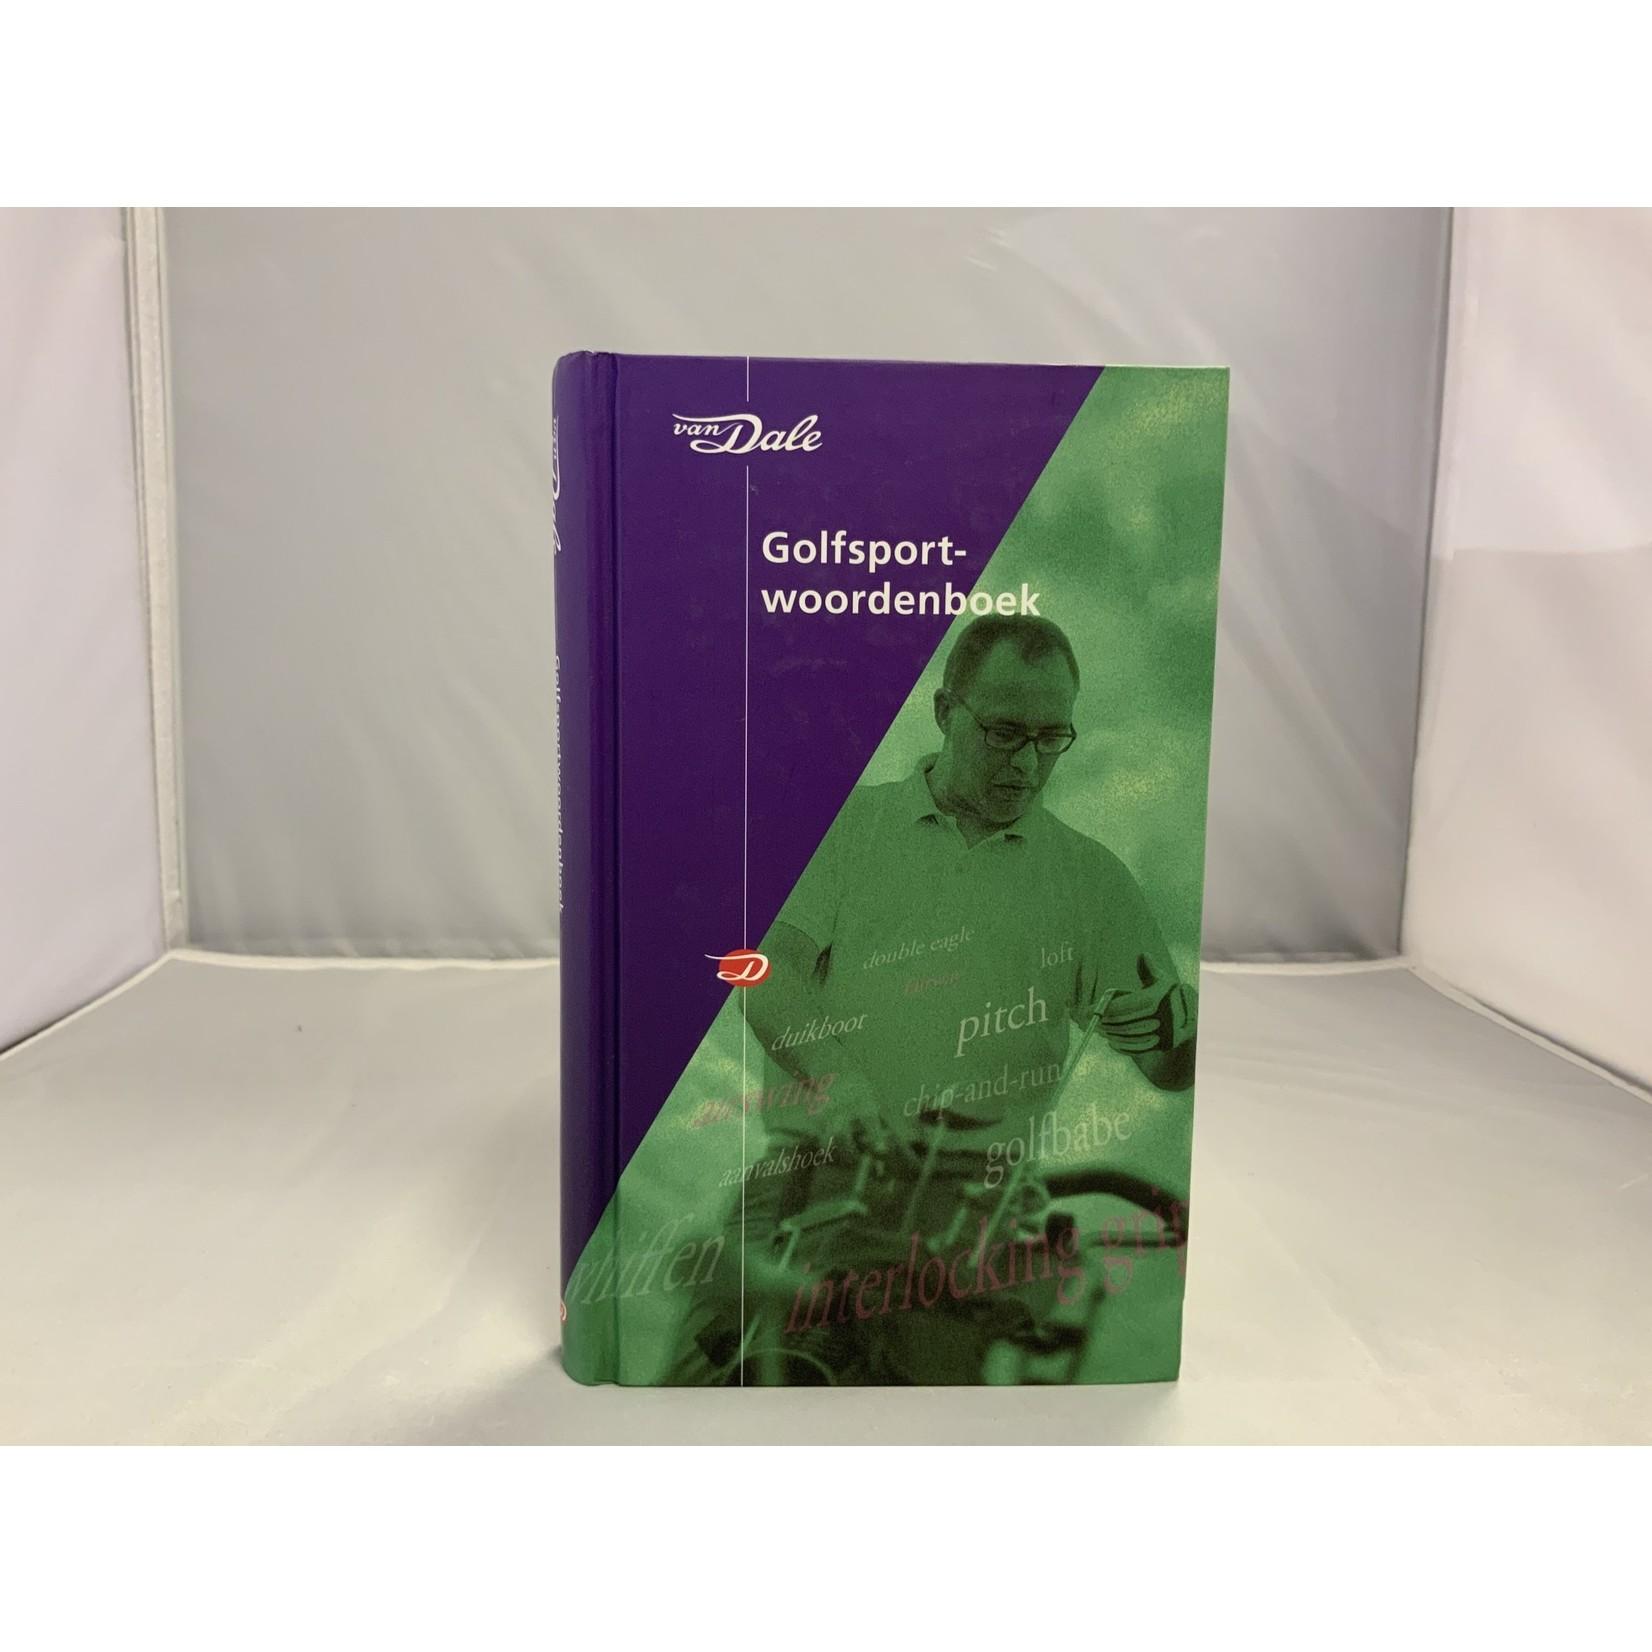 van Dalen: Golfsport woordenboek